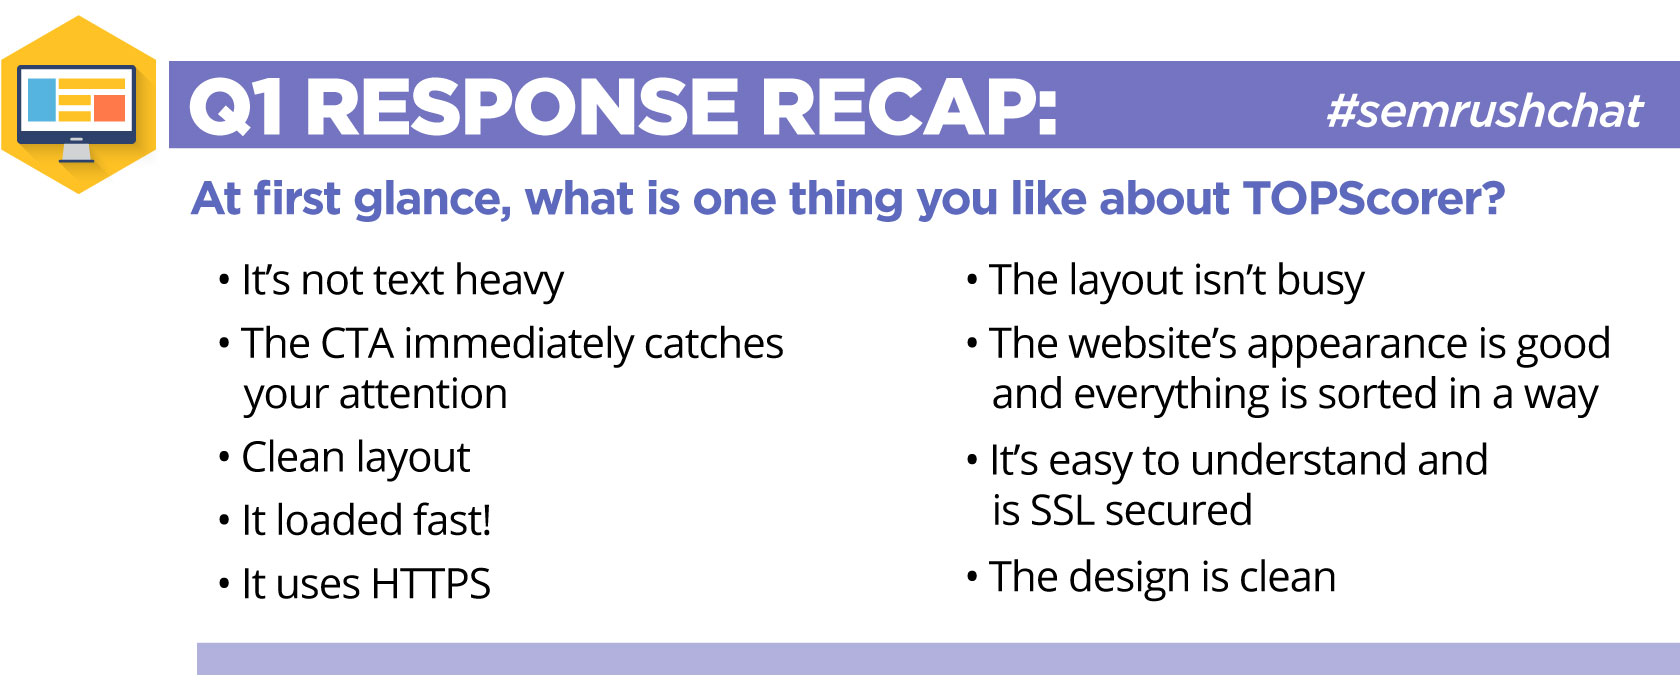 SEMrush Chat Recap Responses Q1